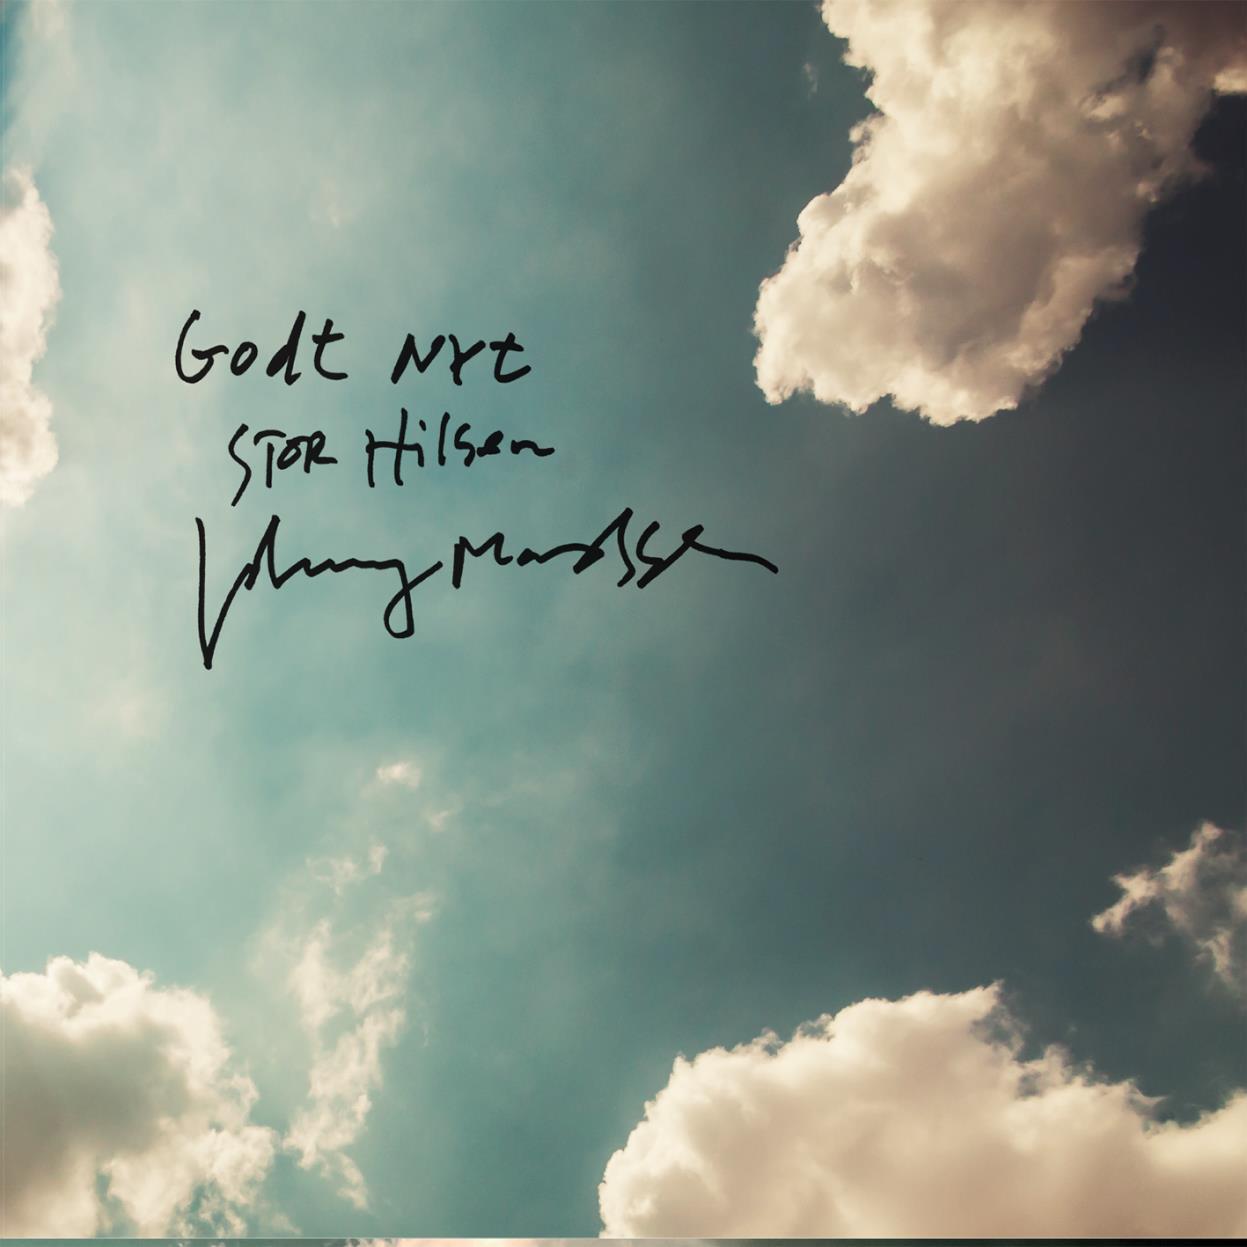 Godt Nyt - Johnny Madsen - Musik -  - 0602547470652 - 25/9-2015